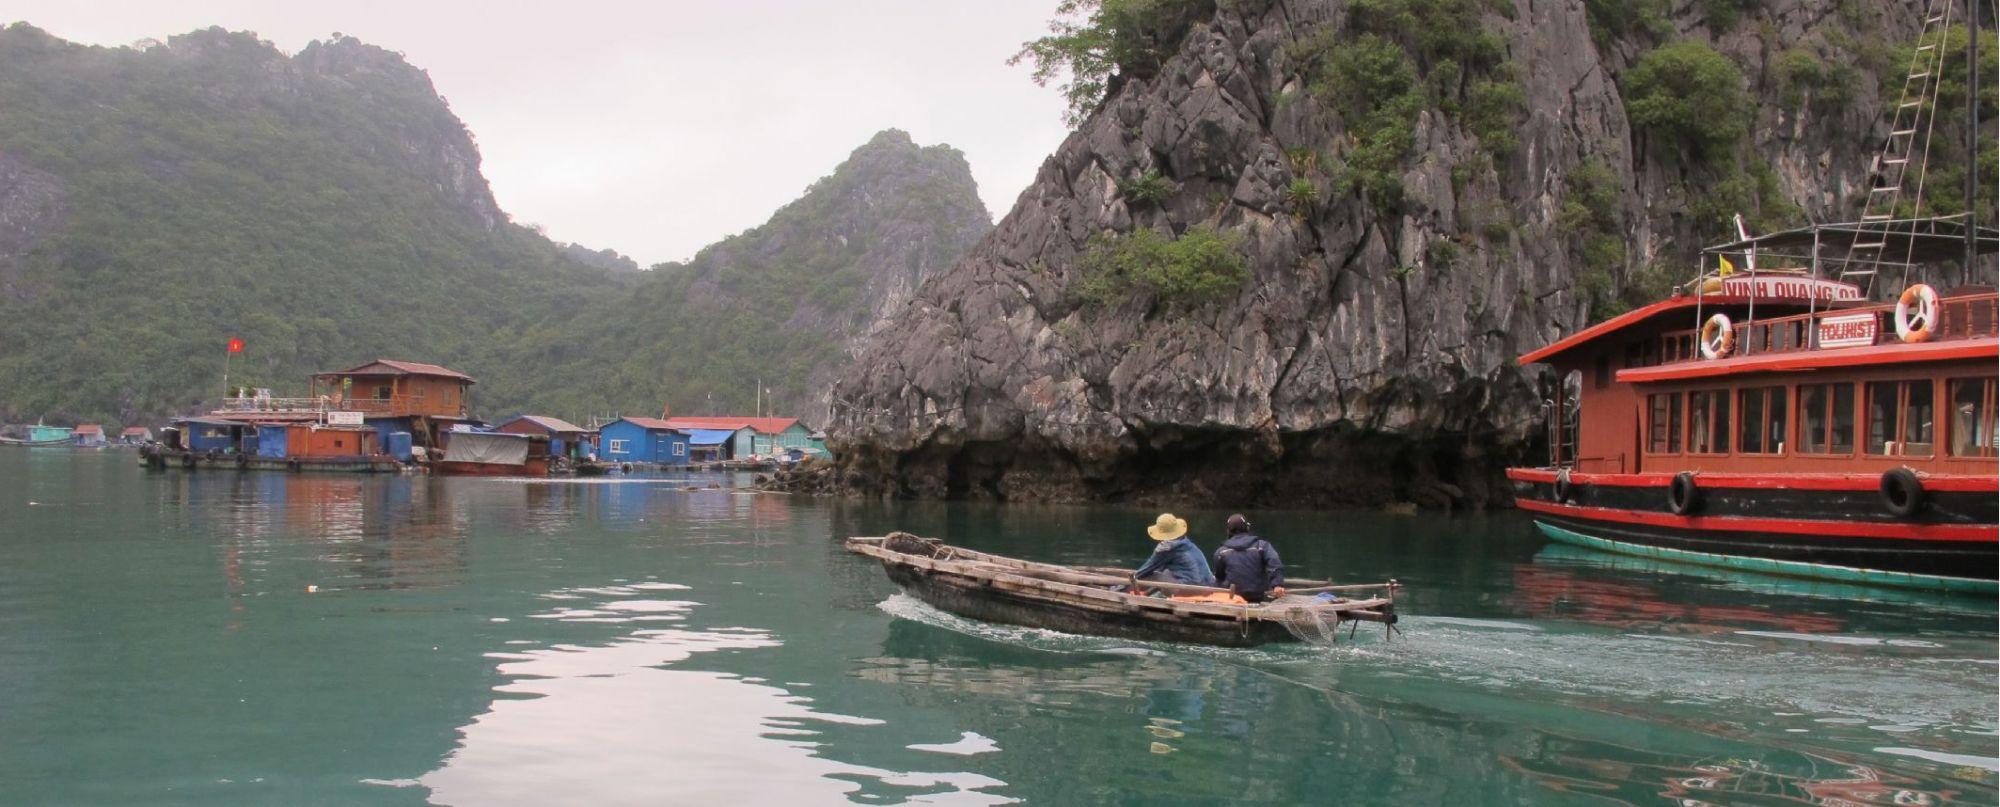 Navegaremos por el laberinto de islas y peñascos de estas bahías, y dispondremos de kayaks para recorrer la costa